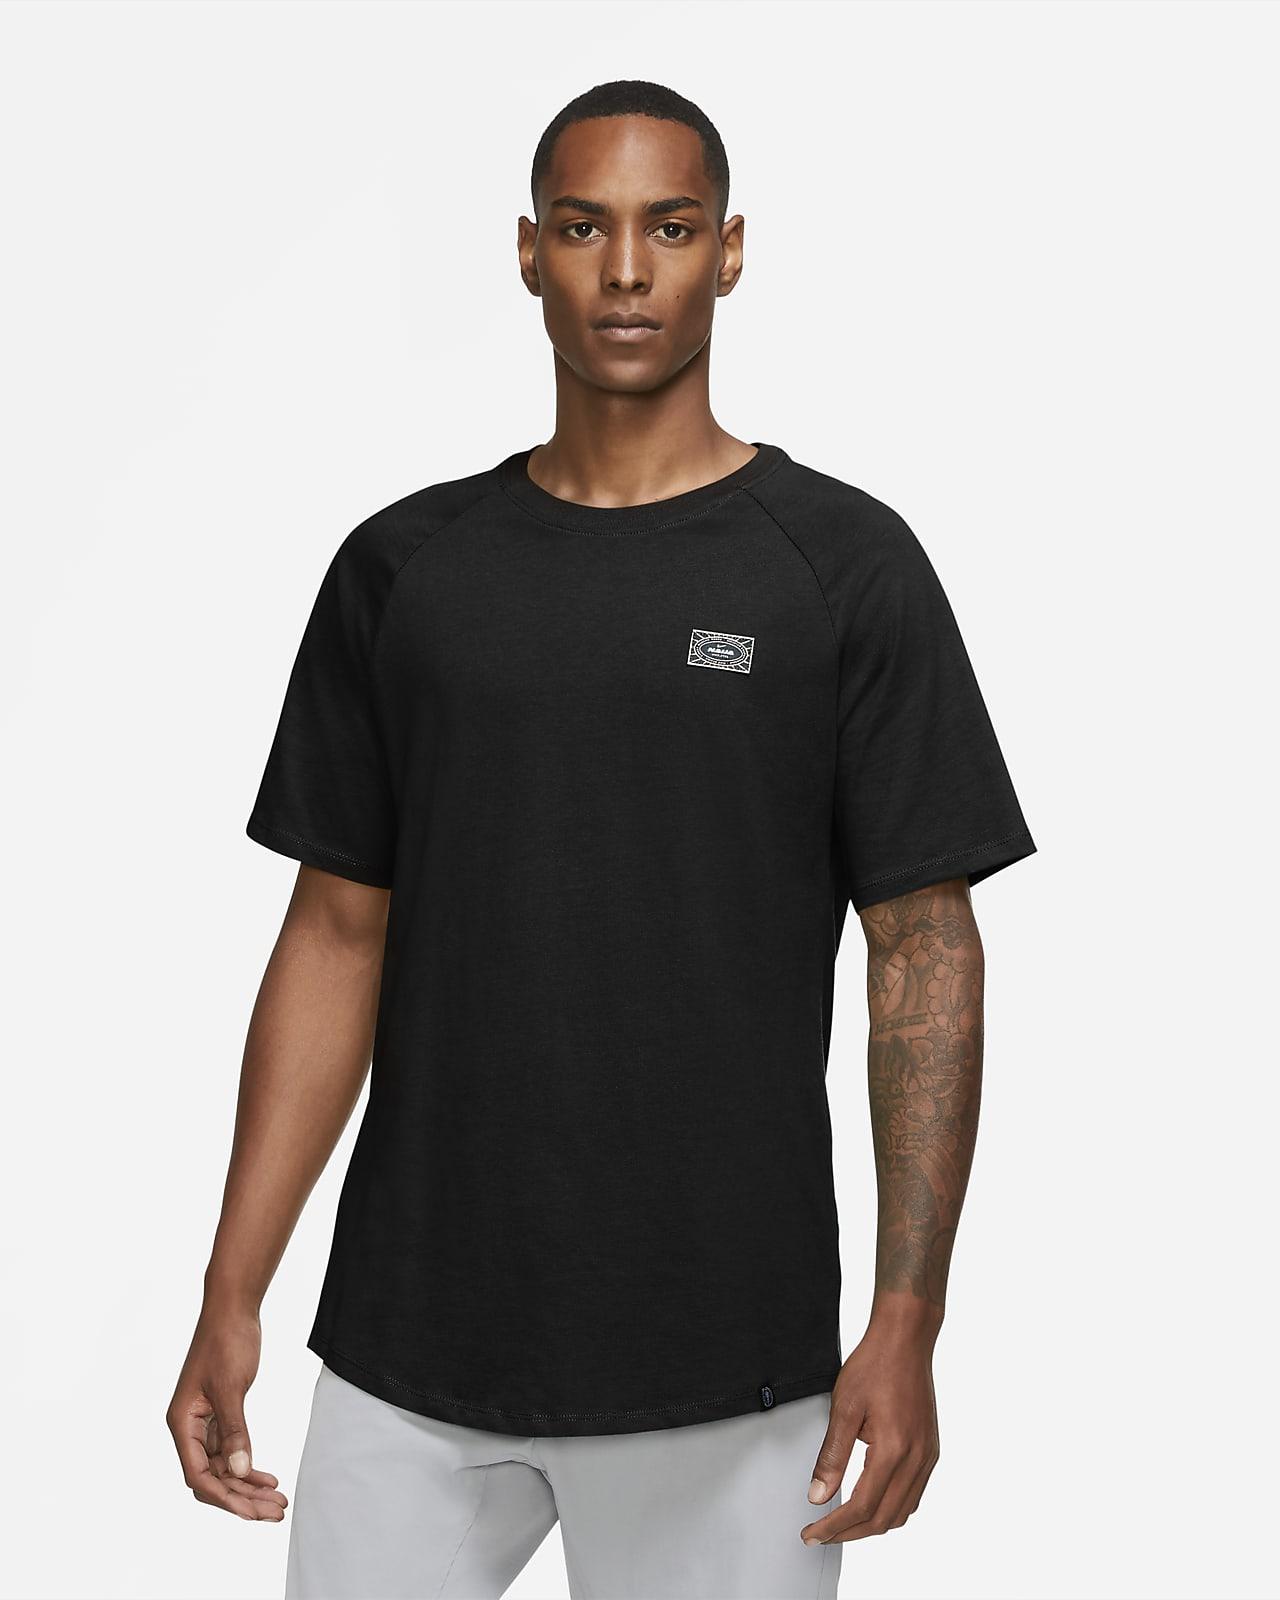 Nigeria Men's Soccer T-Shirt